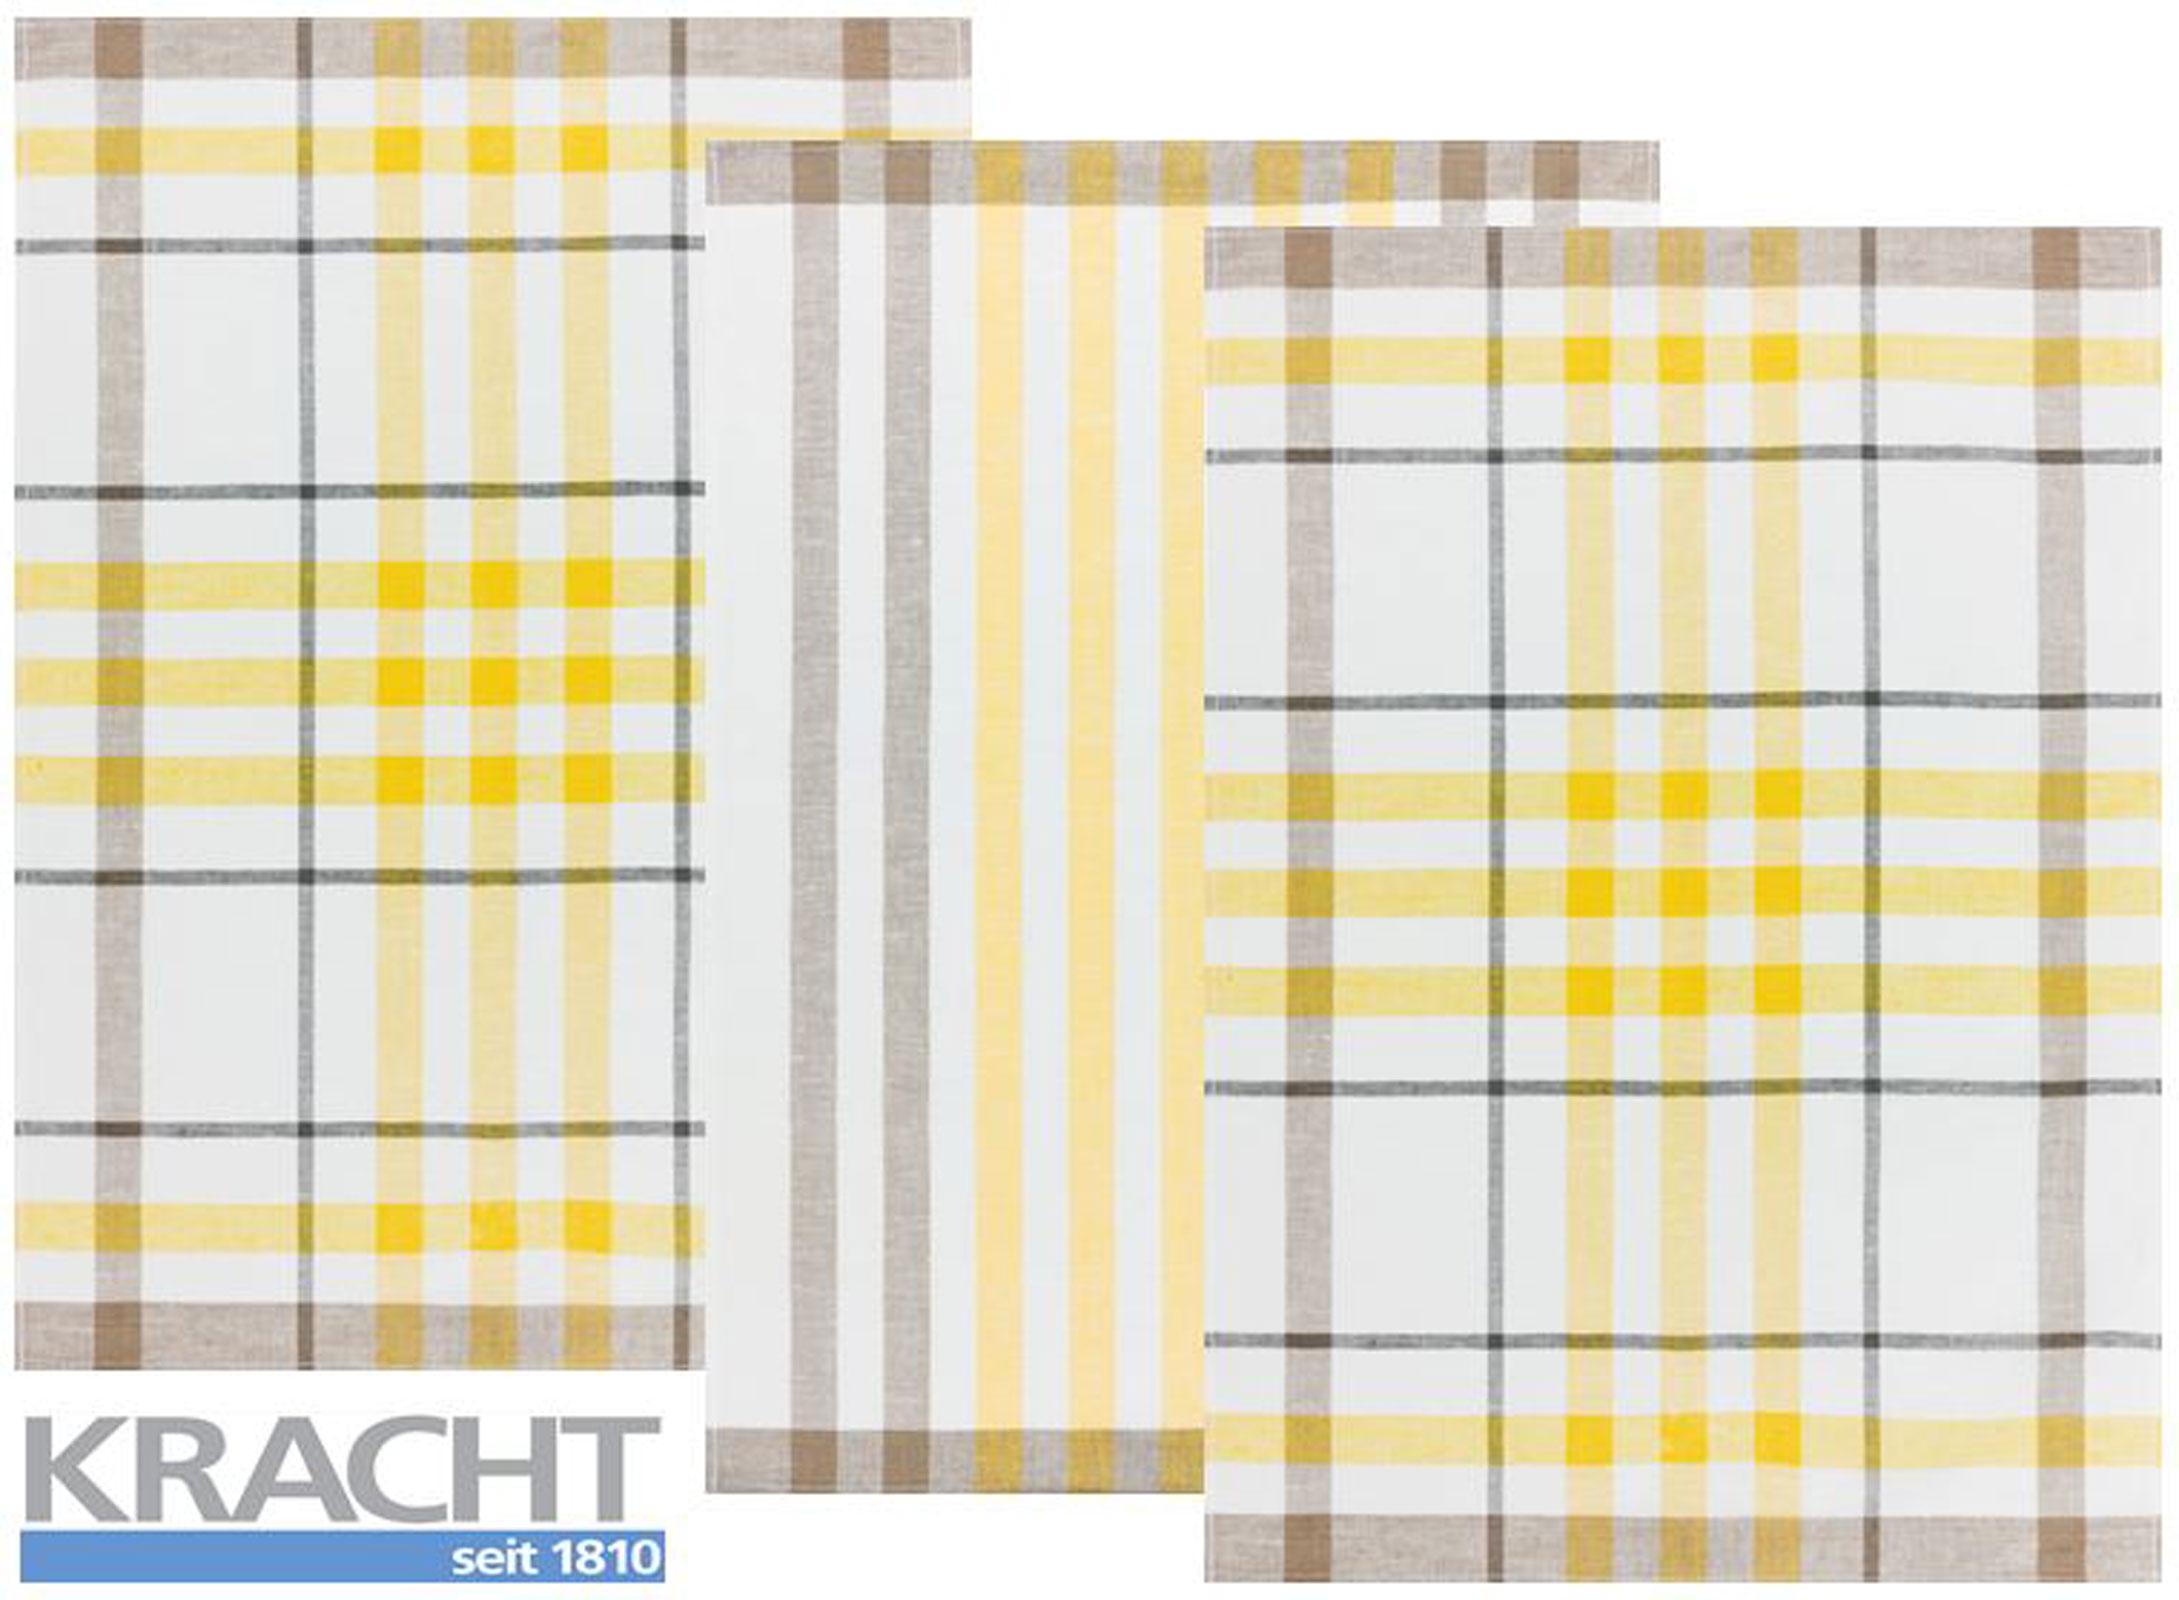 Küchentextilien - 3er Pack Kracht Halbleinen Geschirrtuch 50x70 2x Karo 1x Streifen 2 930 14 gelb  - Onlineshop PremiumShop321